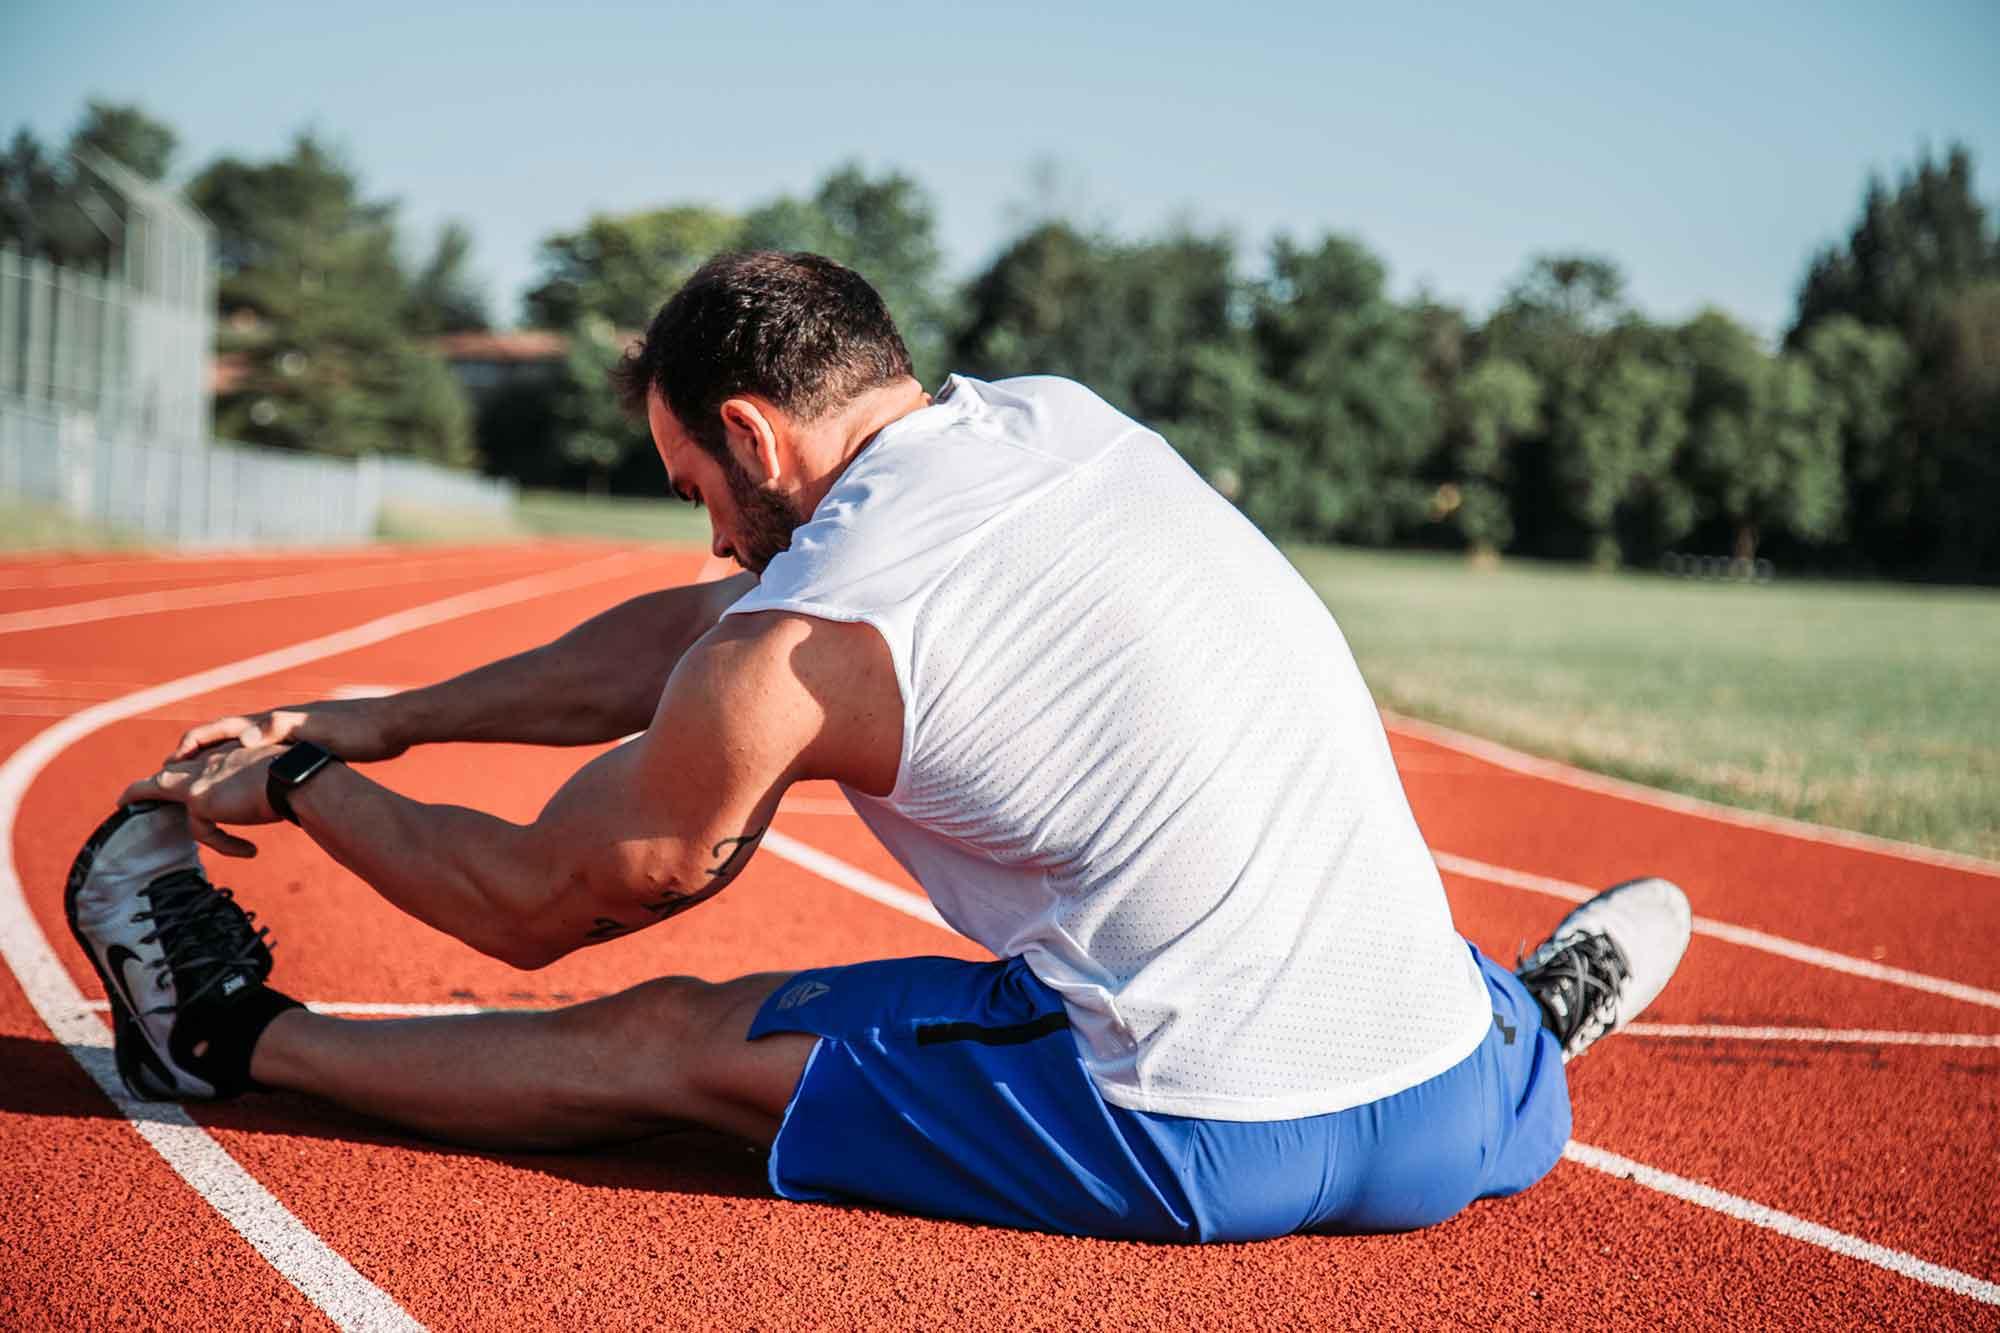 Track running tips